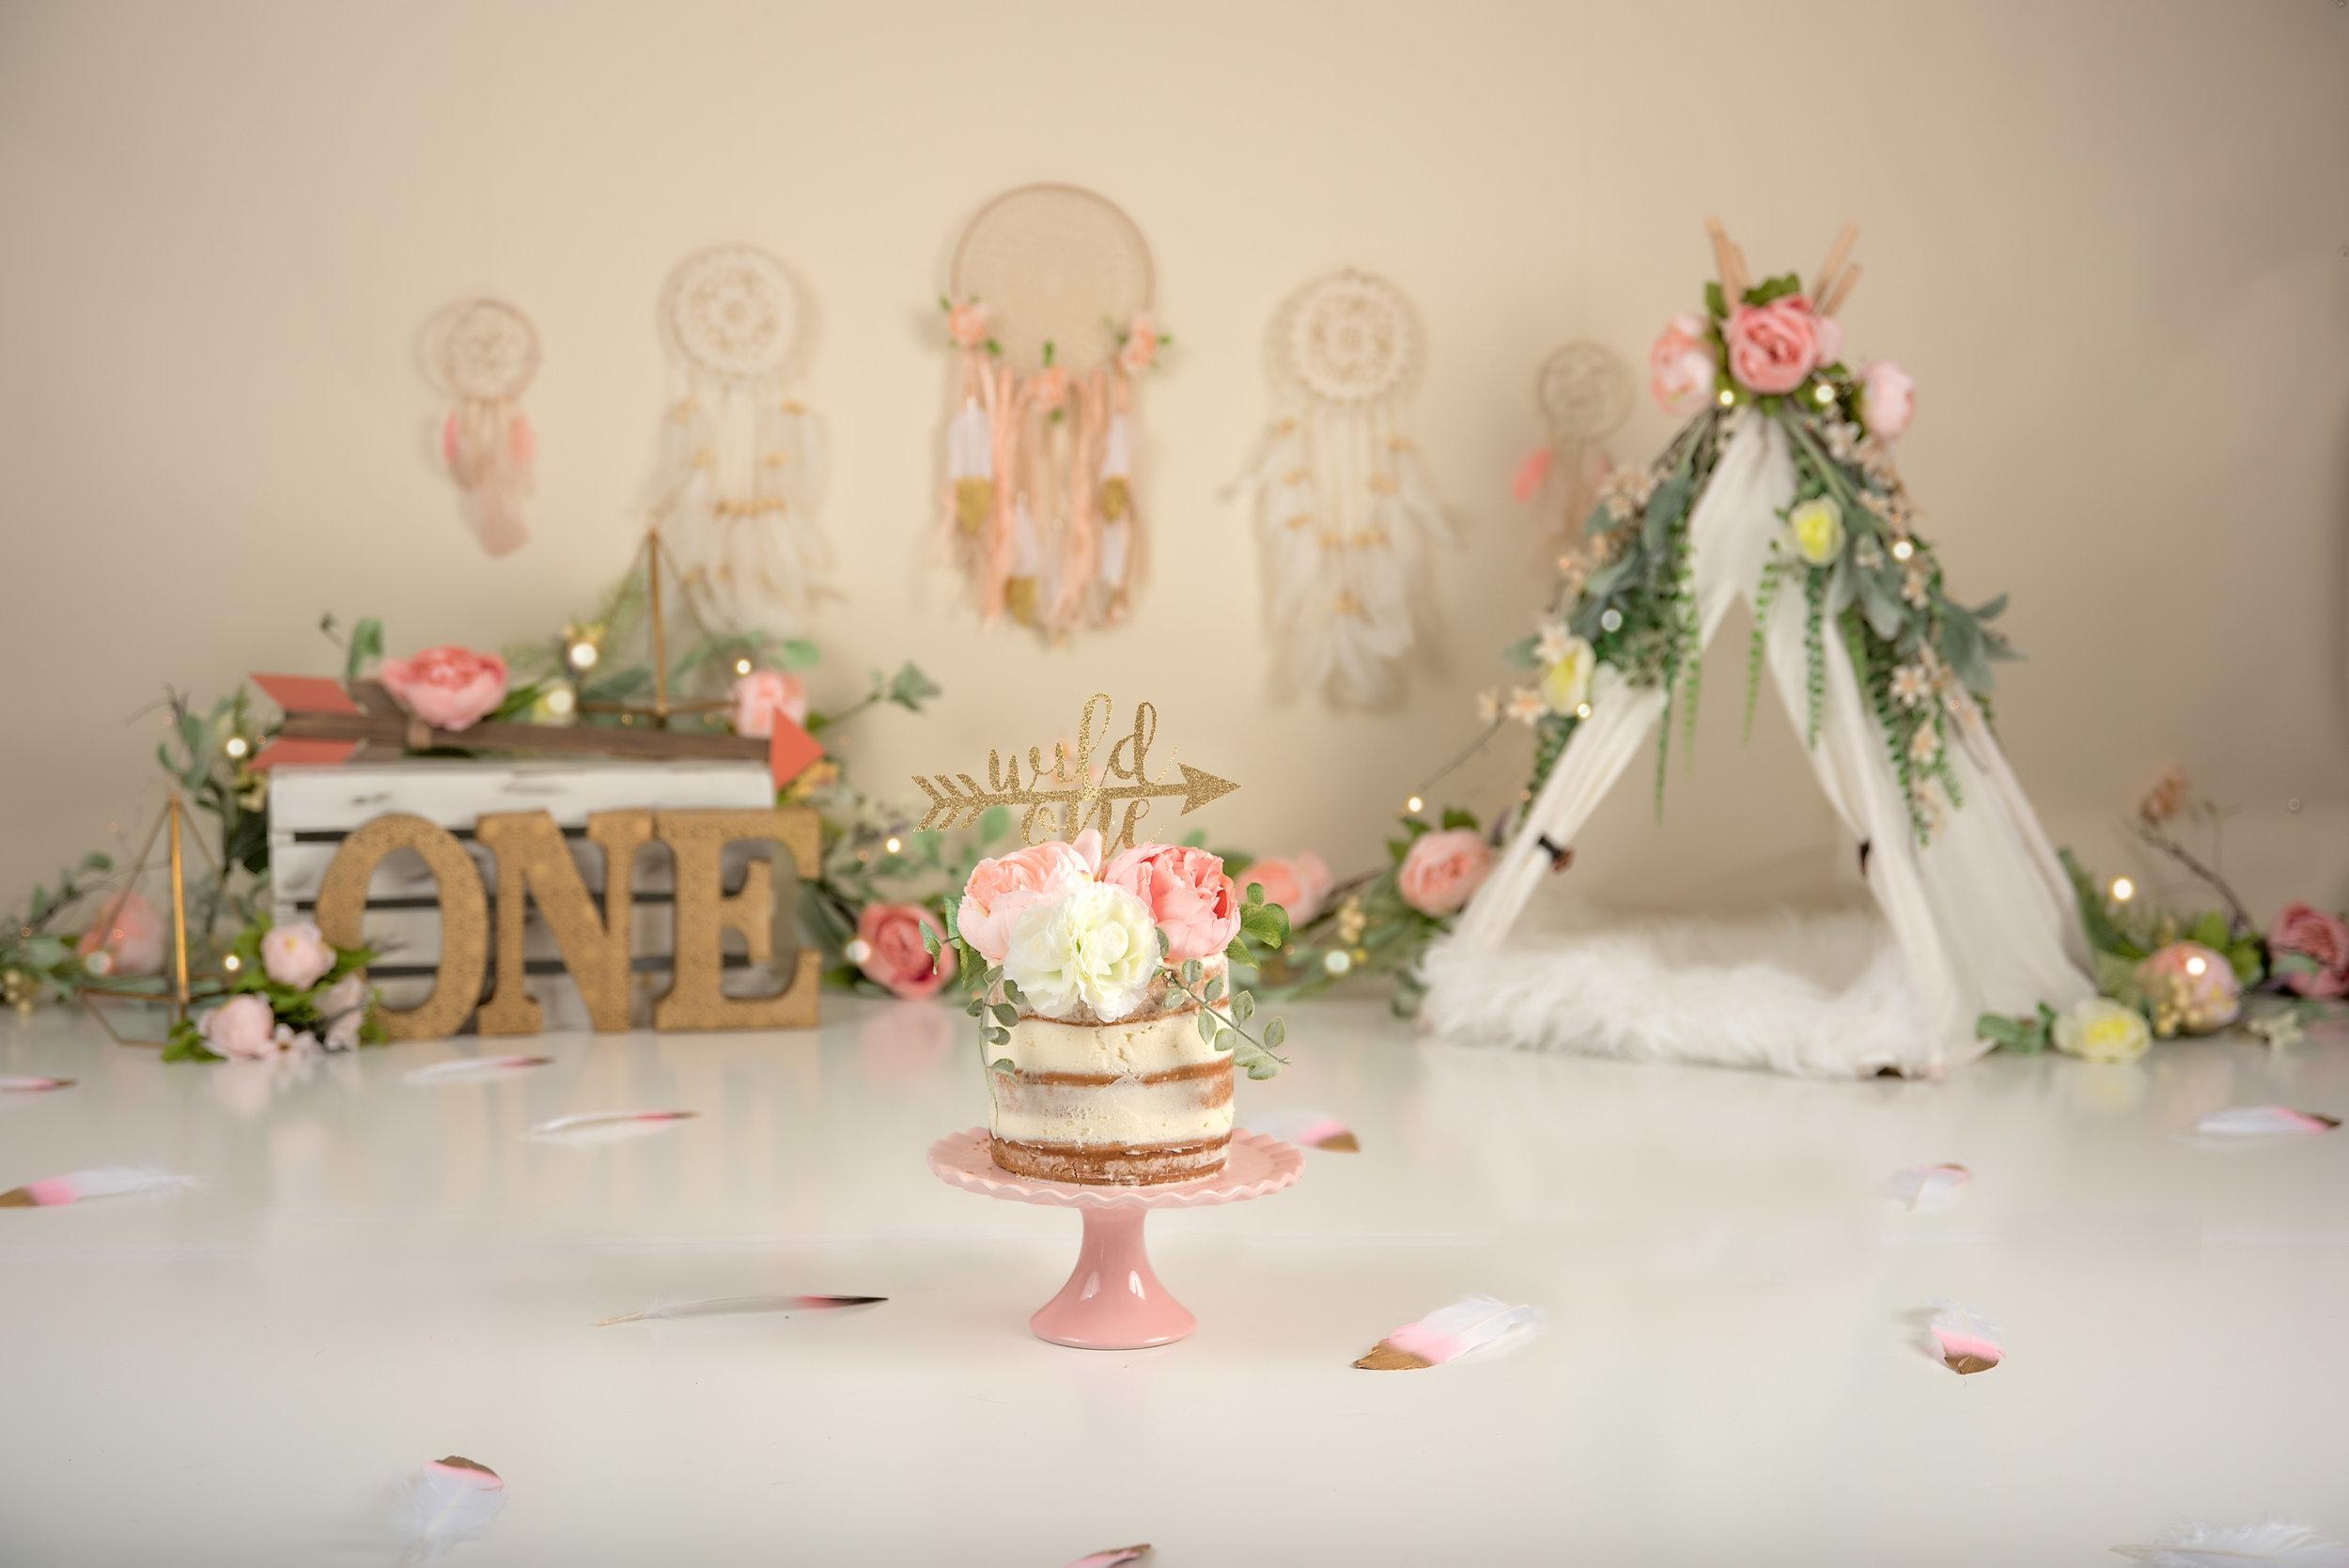 boho floral wild one cake smash dream catcher